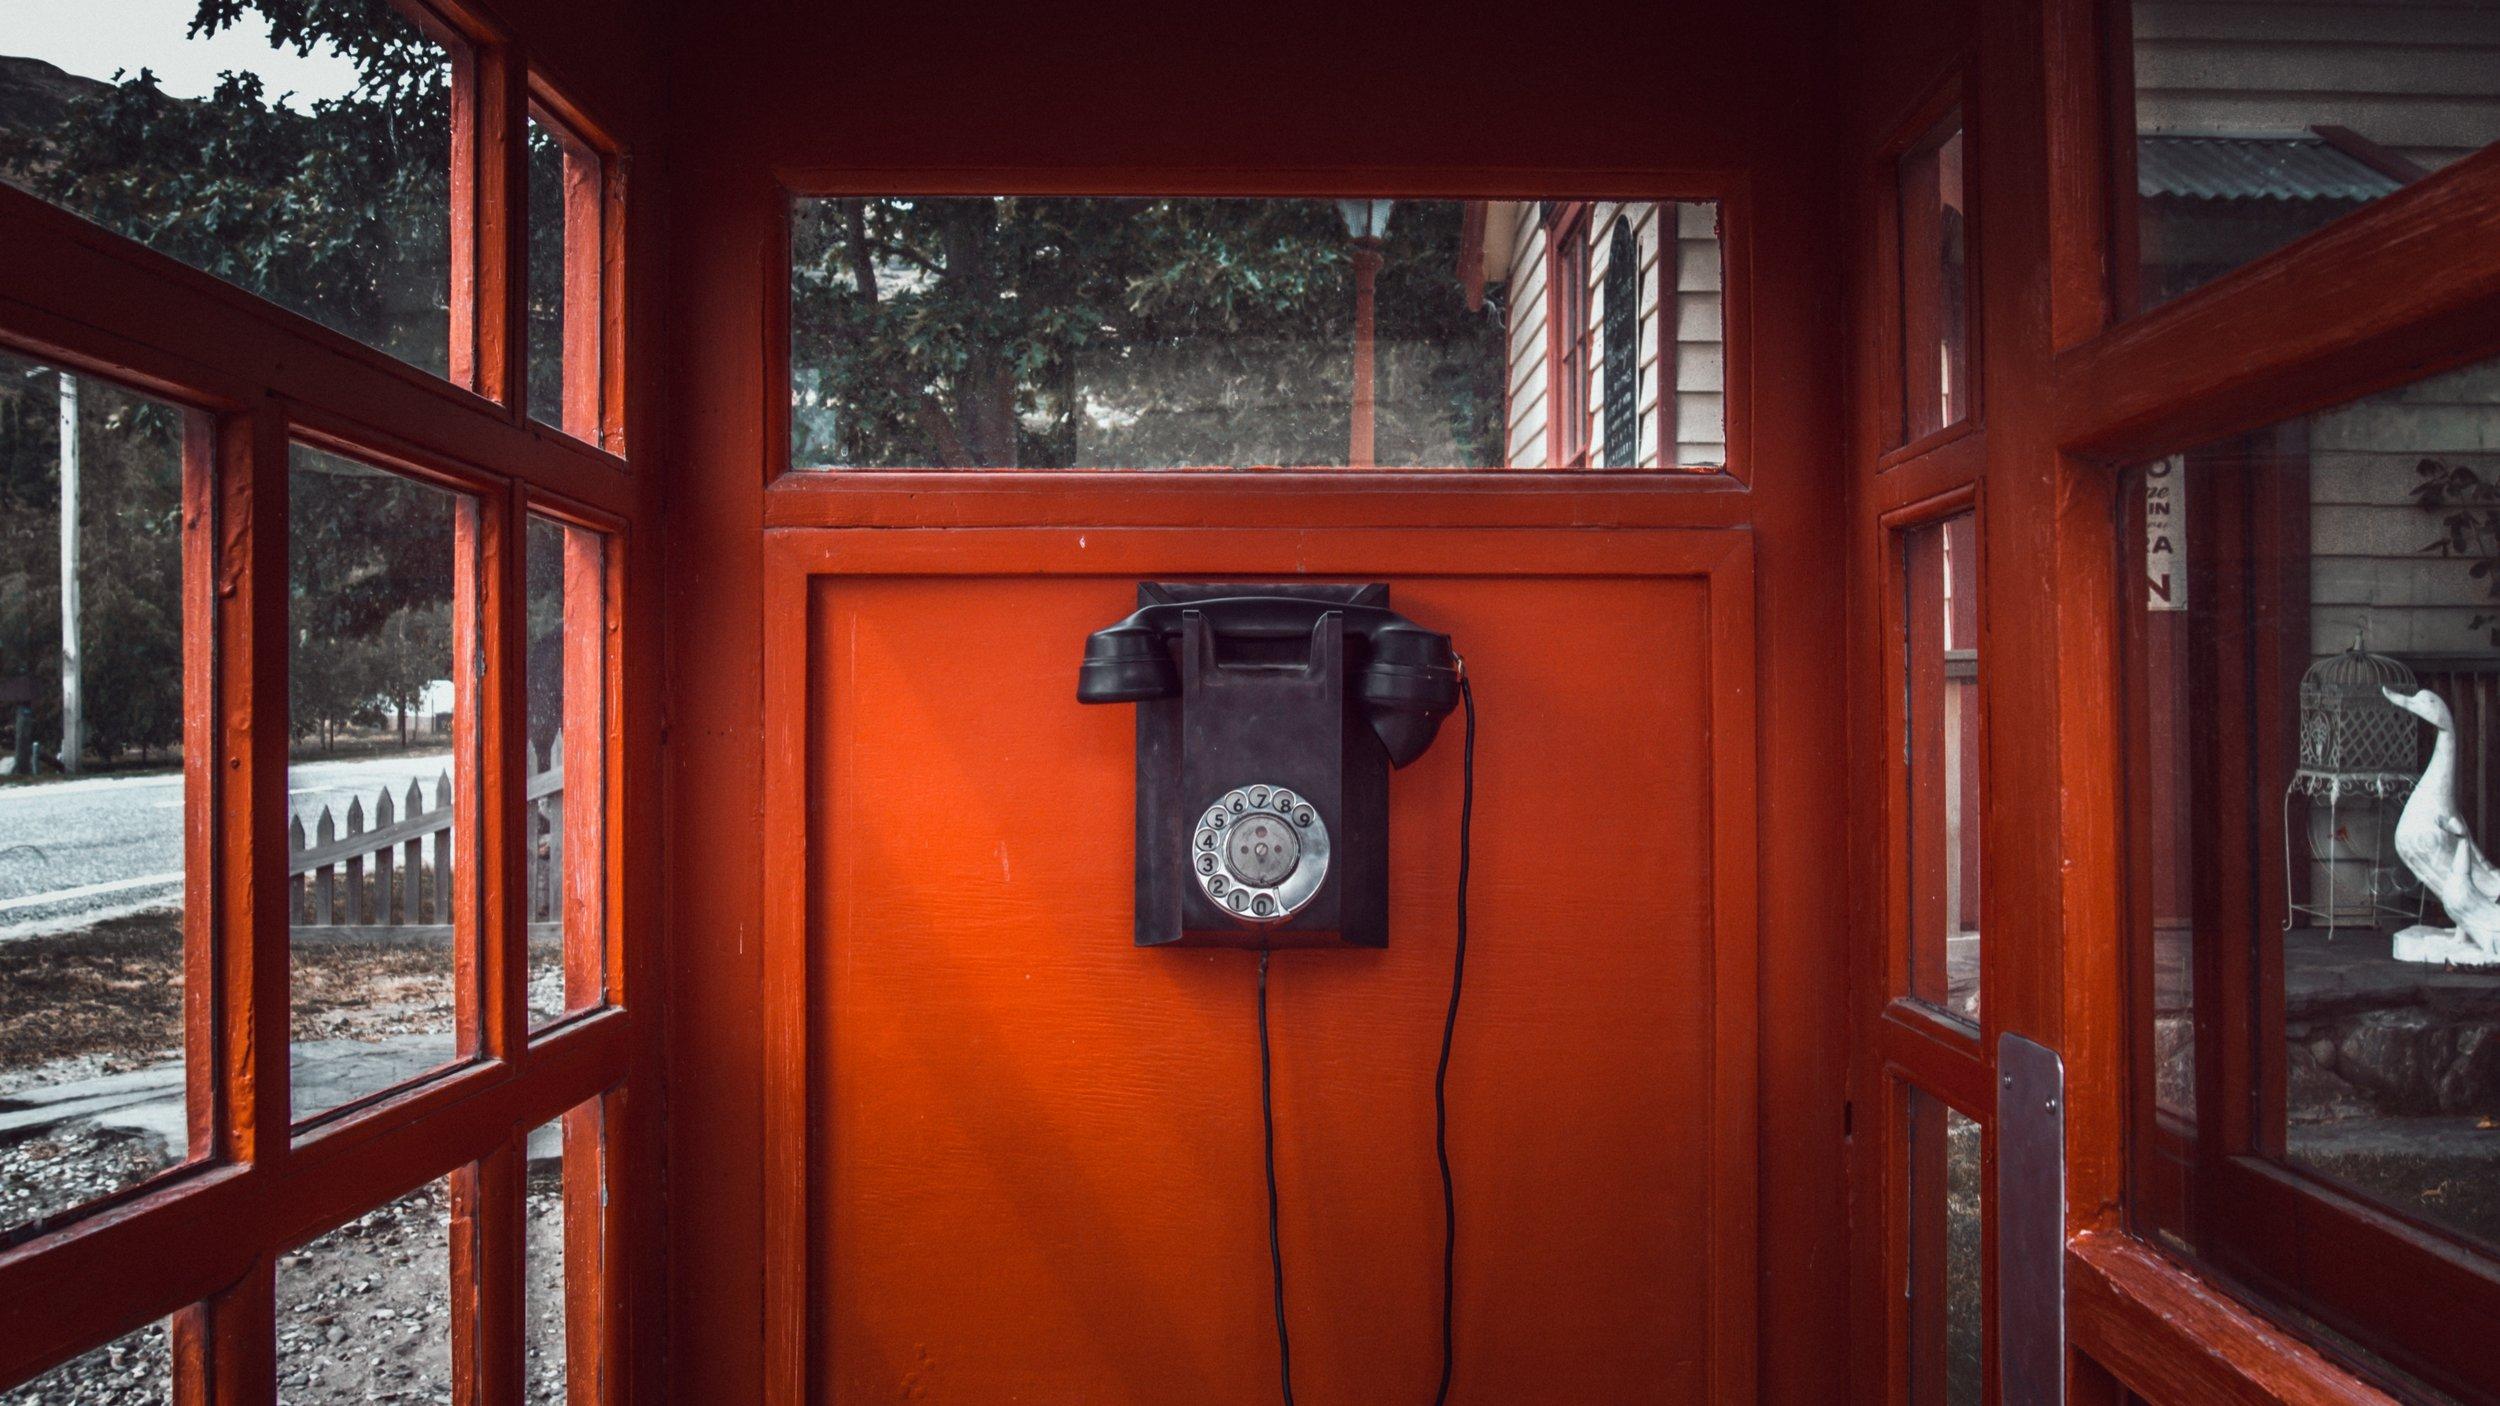 antoine-barres-198891-unsplash.jpg